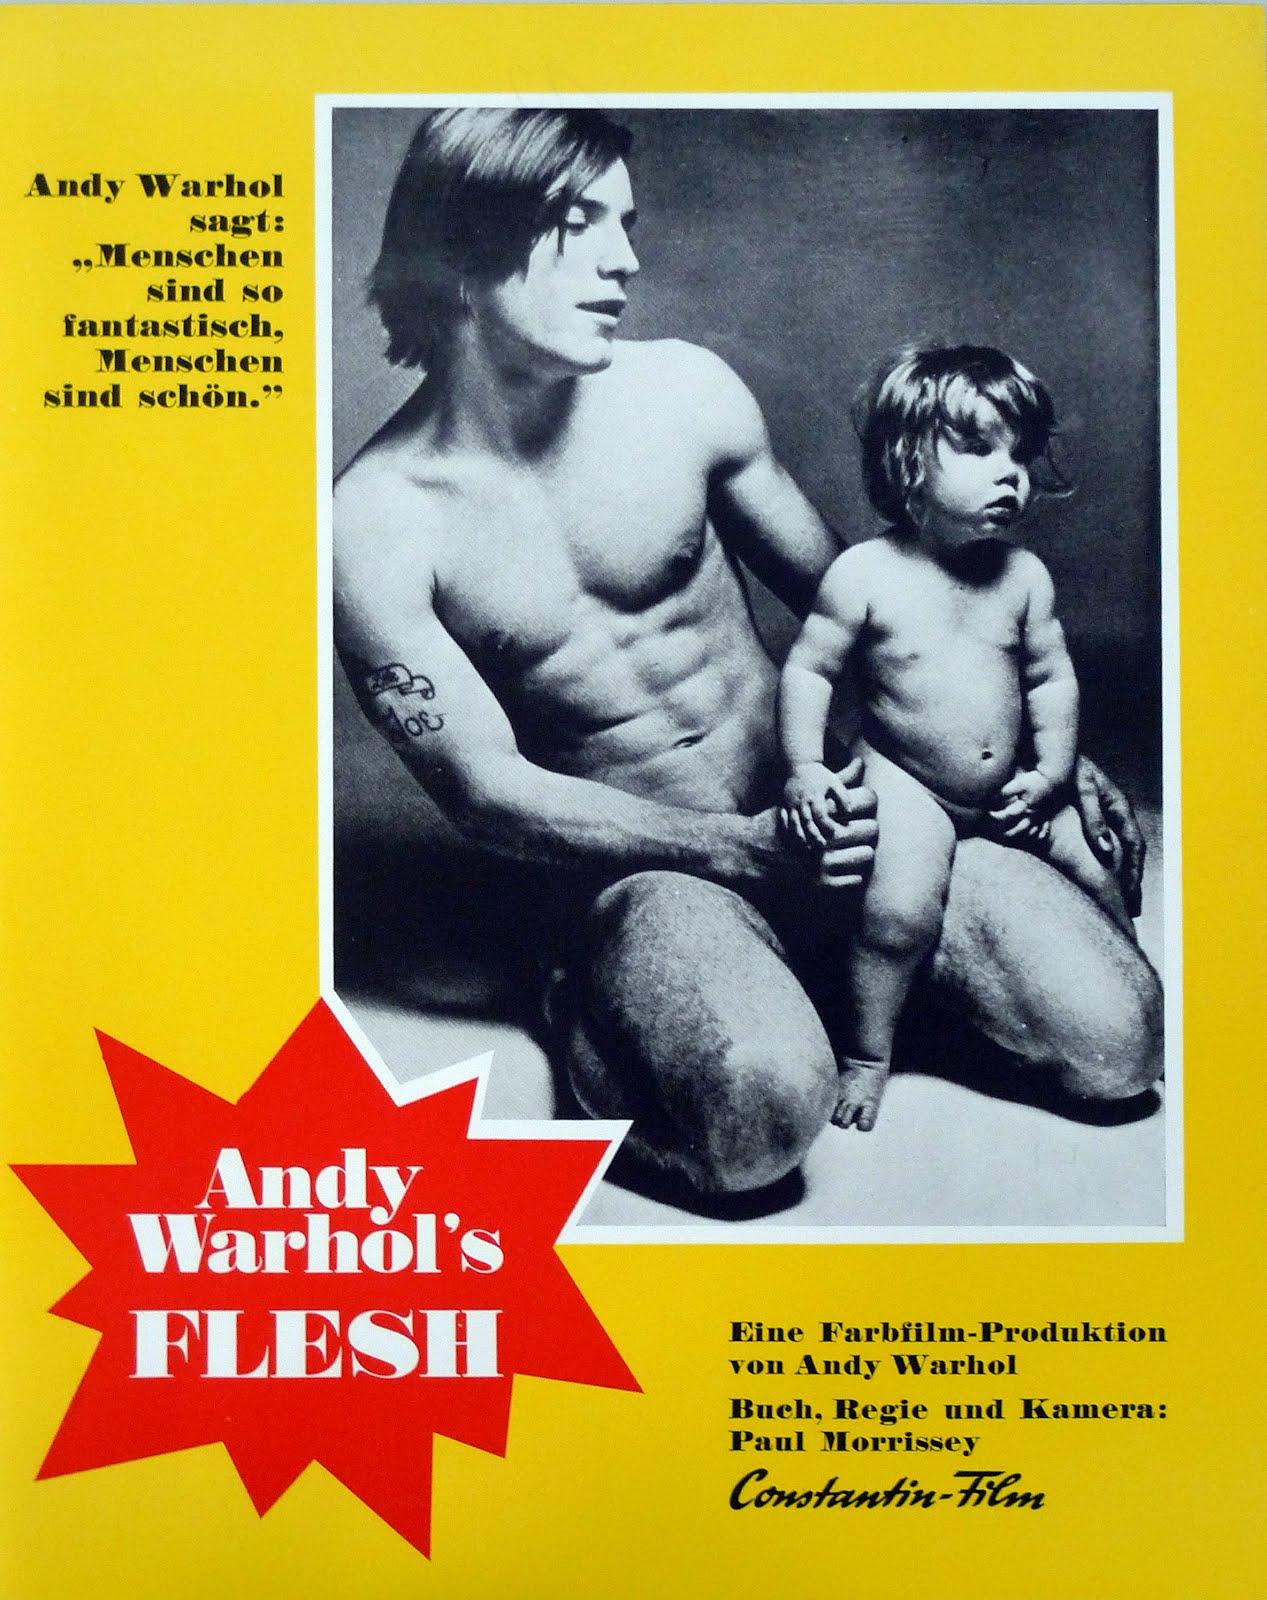 http://1.bp.blogspot.com/-sZ_doC8w-eg/UDuIc34IaoI/AAAAAAAASes/0GJn-kjjhC8/s1600/Flesh%2Bposter%2Bde%2B1971.jpg